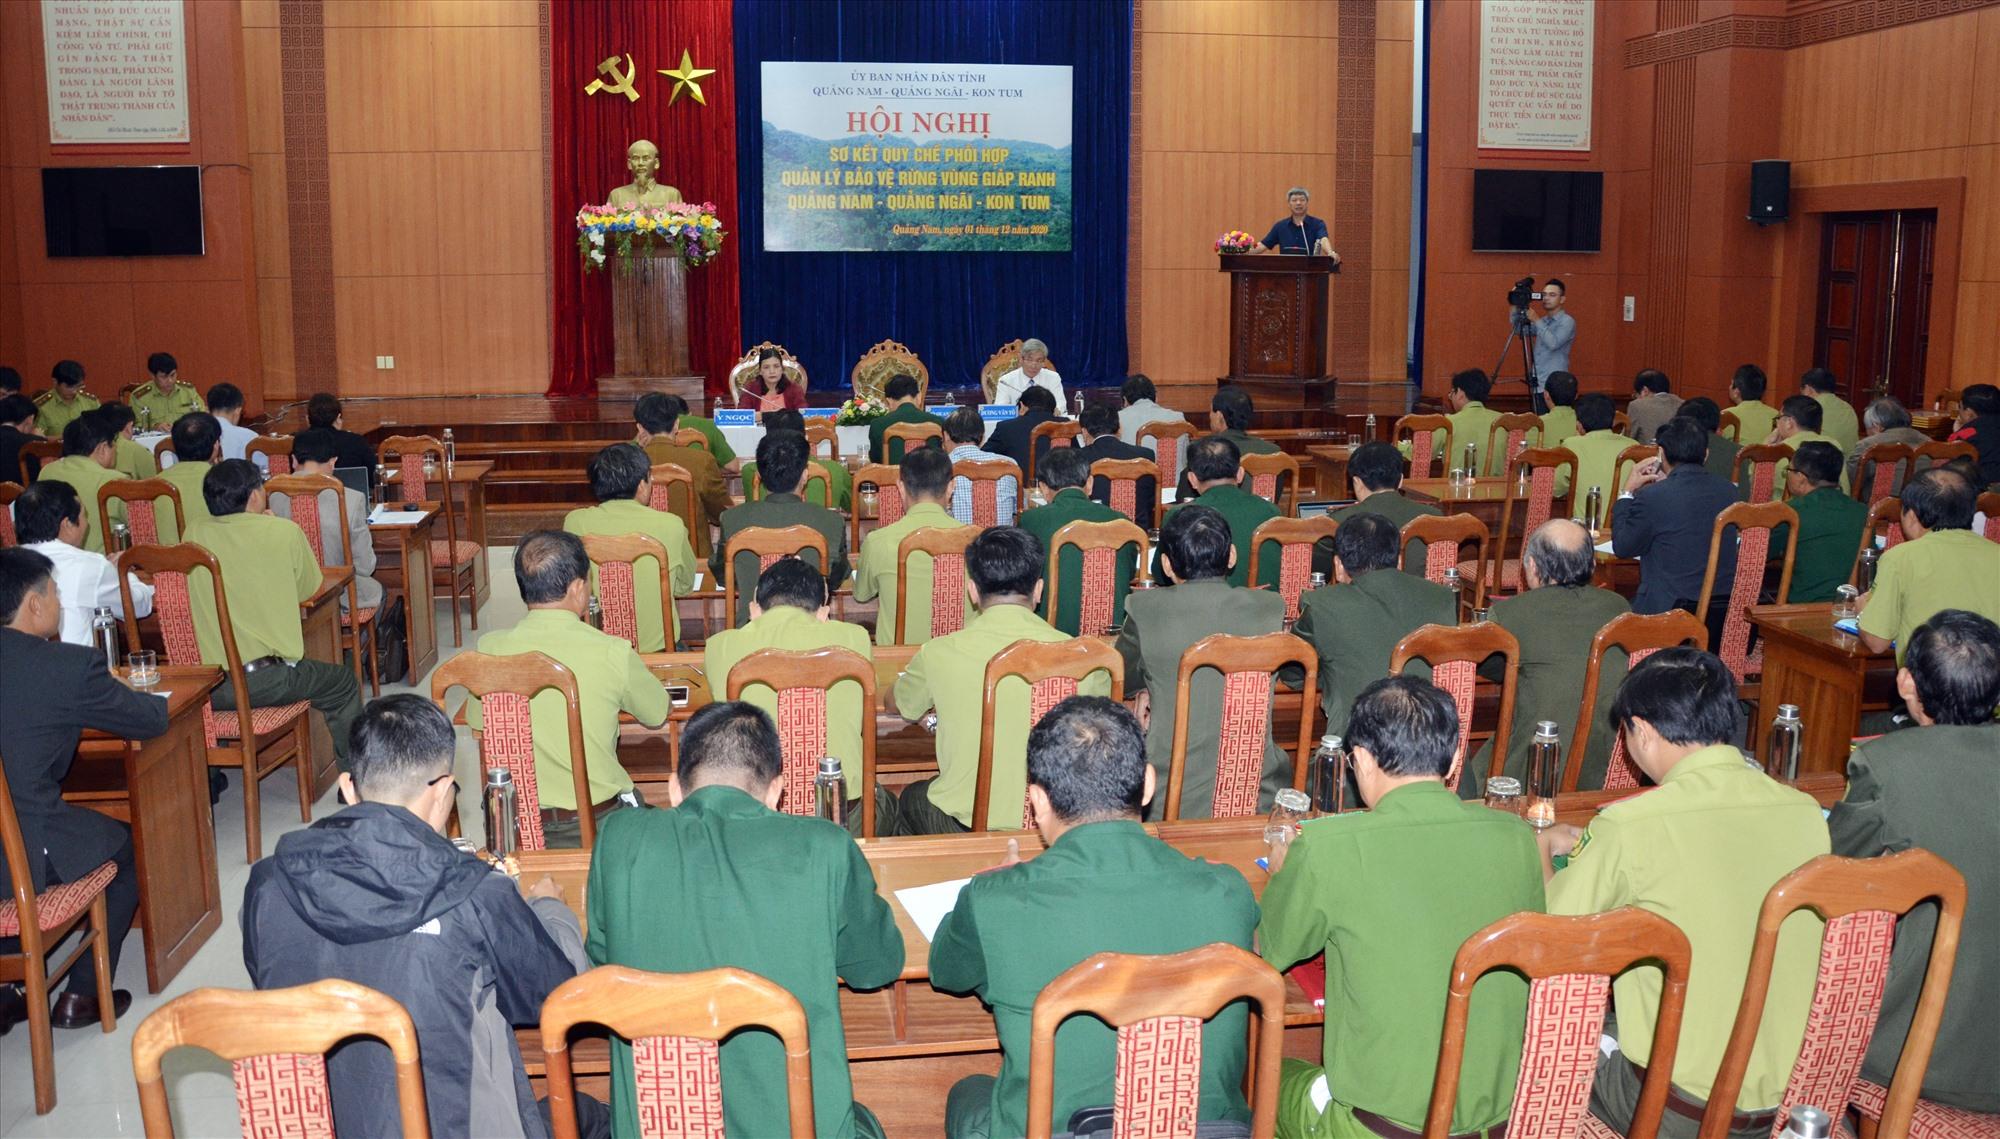 Quang cảnh hội nghị đánh giá quy chế phối hợp bảo vệ rừng vùng giáp ranh 3 tỉnh Quảng Nam, Quảng Ngãi và Kon Tum diễn ra hôm qua tại Tam Kỳ. Ảnh: H.P